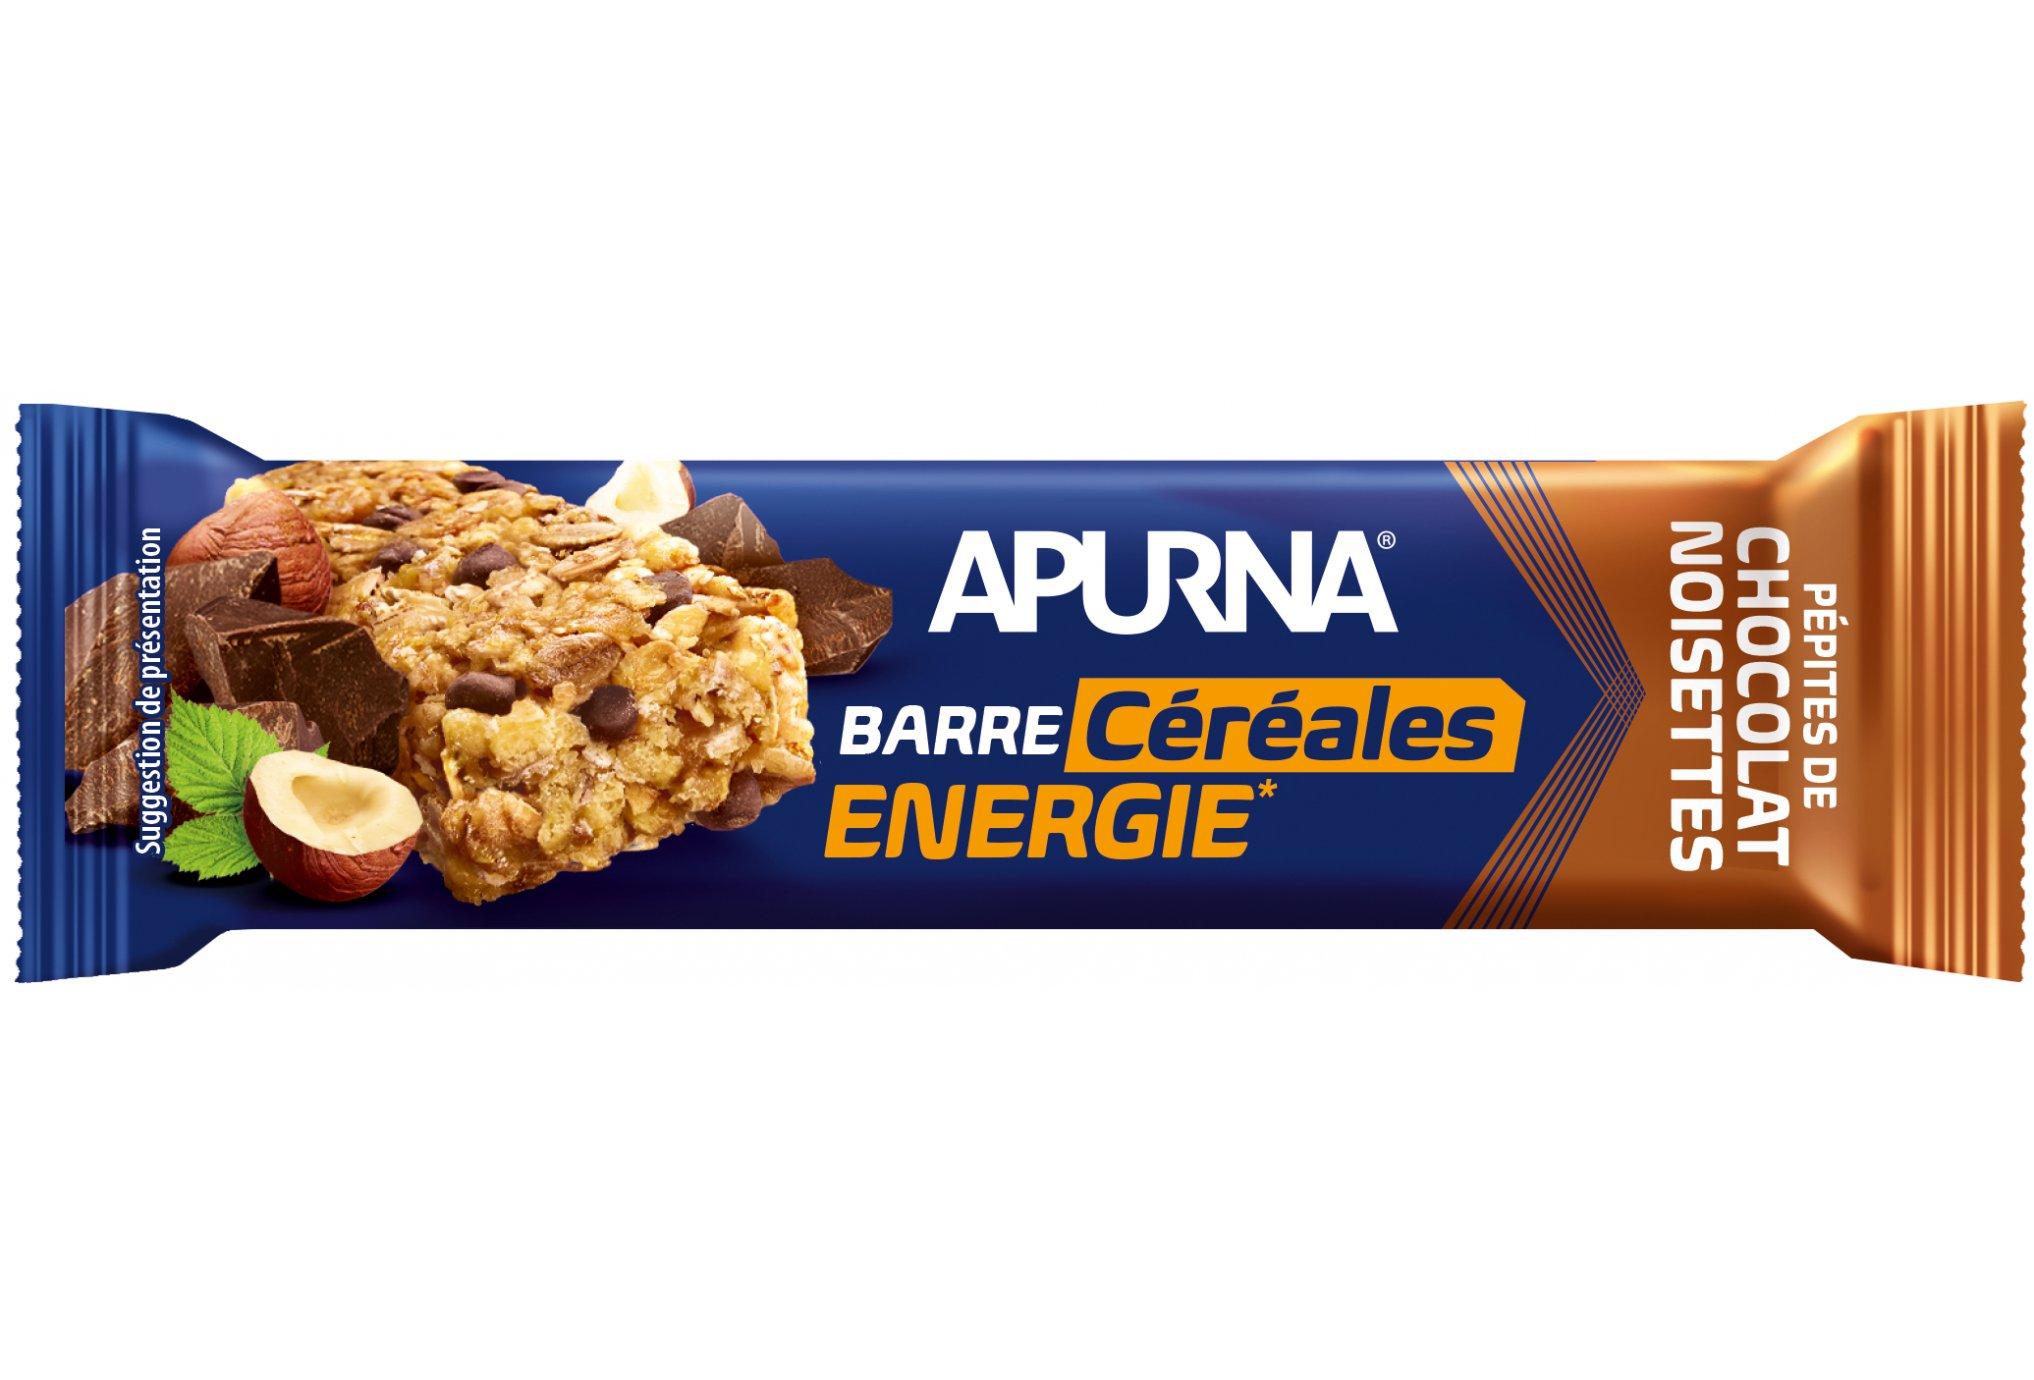 Apurna Barre énergétique - Pépites de chocolat/Noisettes Diététique Barres